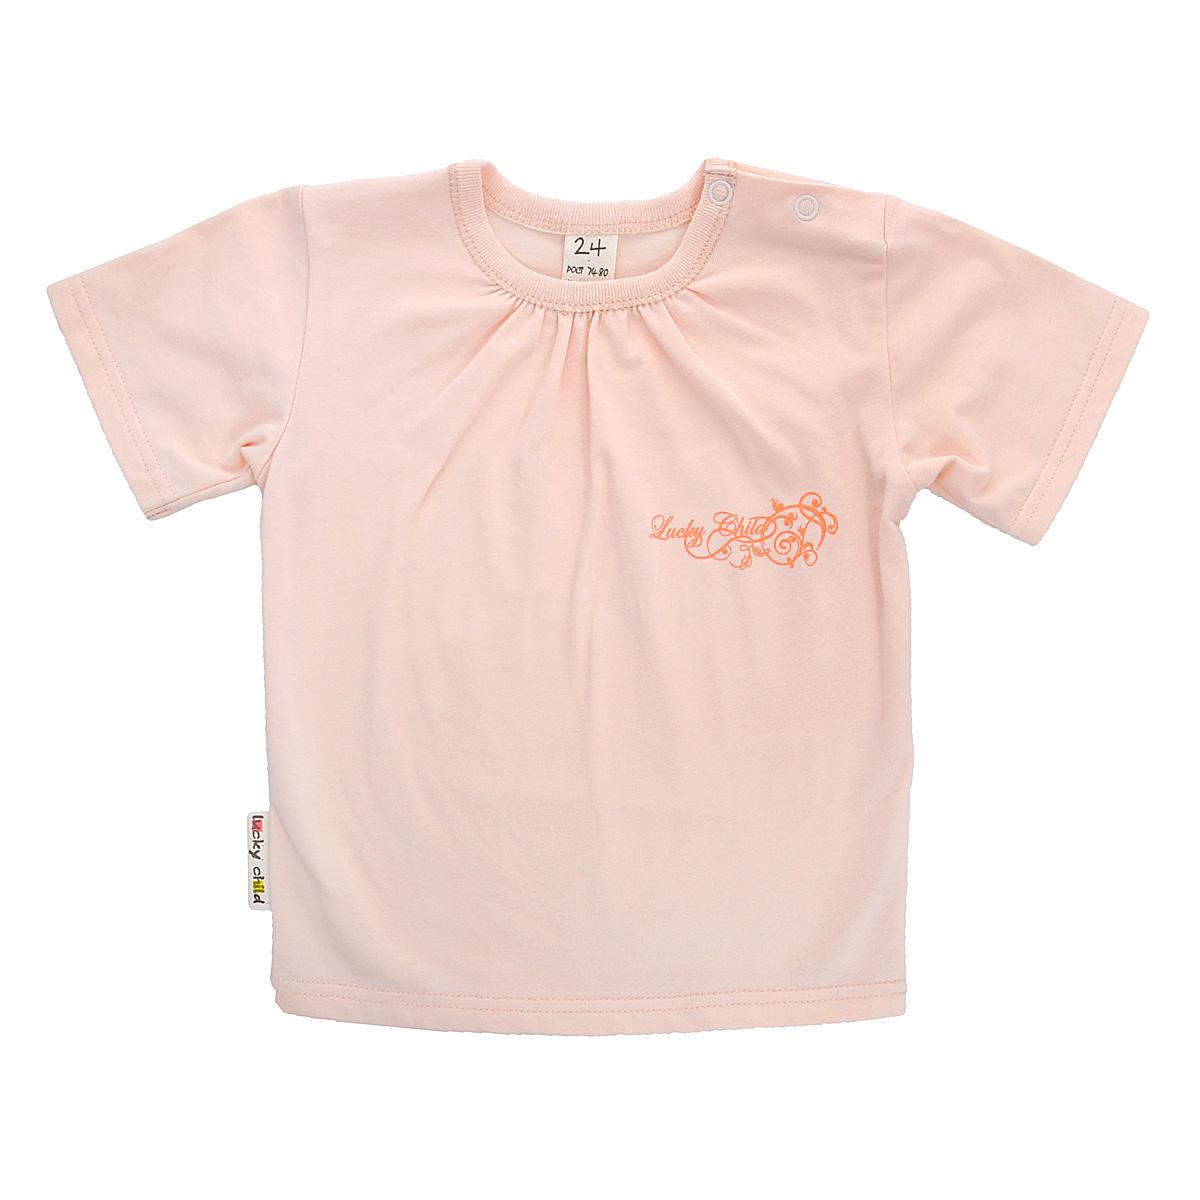 12-26.1Детская футболка для девочки Lucky Child послужит идеальным дополнением к гардеробу вашей малышки, обеспечивая ей наибольший комфорт. Изготовленная из натурального хлопка, она необычайно мягкая и легкая, не раздражает нежную кожу ребенка и хорошо вентилируется, а эластичные швы приятны телу малышки и не препятствуют ее движениям. Футболка с короткими рукавами и круглым врезом горловины имеет кнопки по плечу, которые позволяют без труда переодеть ребенка. На груди с левой стороны она дополнена небольшим принтом в виде логотипа бренда. Футболка полностью соответствует особенностям жизни ребенка в ранний период, не стесняя и не ограничивая его в движениях!